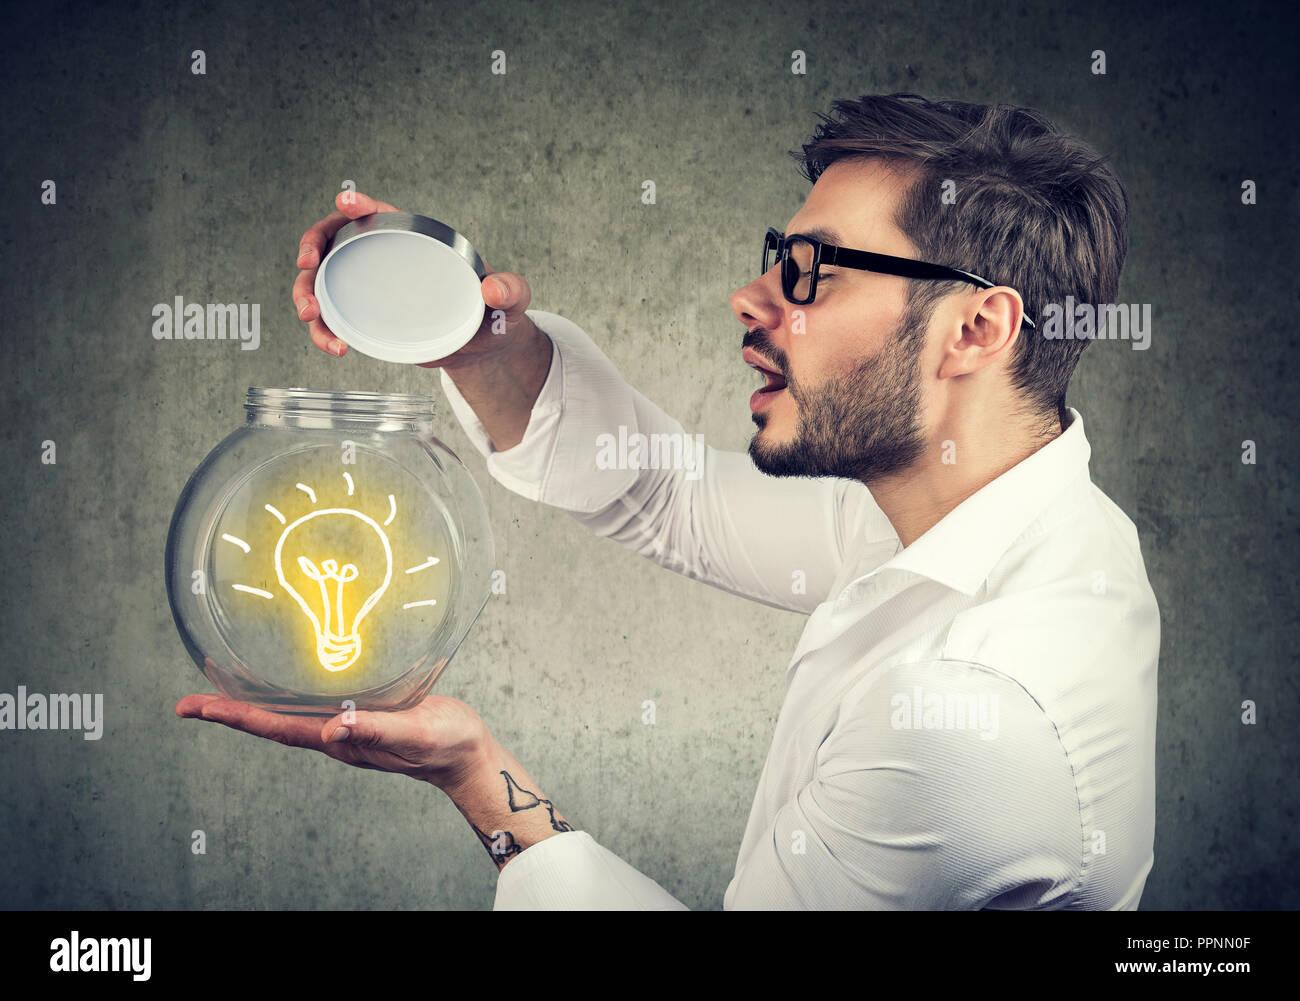 Emocionado Hombre sujetando un tarro de vidrio con apertura brillante idea lighbulb dentro de ser creativo Imagen De Stock